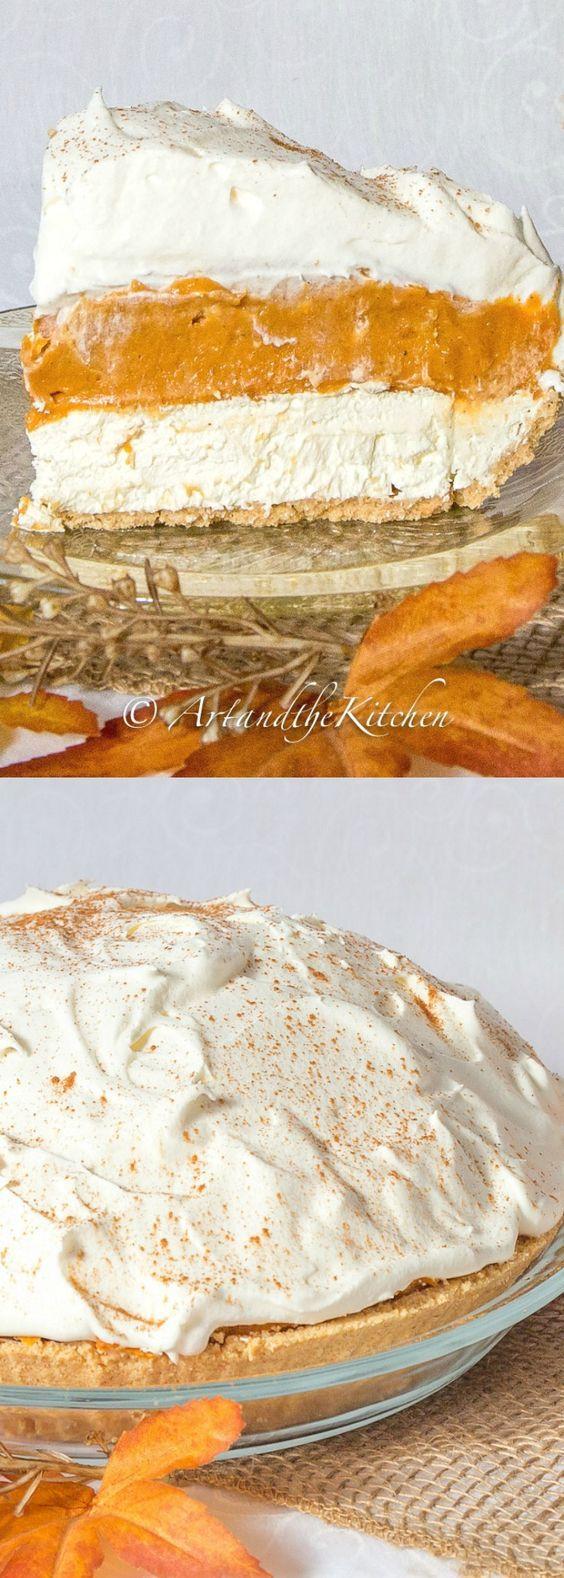 A No Bake Pumpkin Pie with a delicious cream cheese layer ...